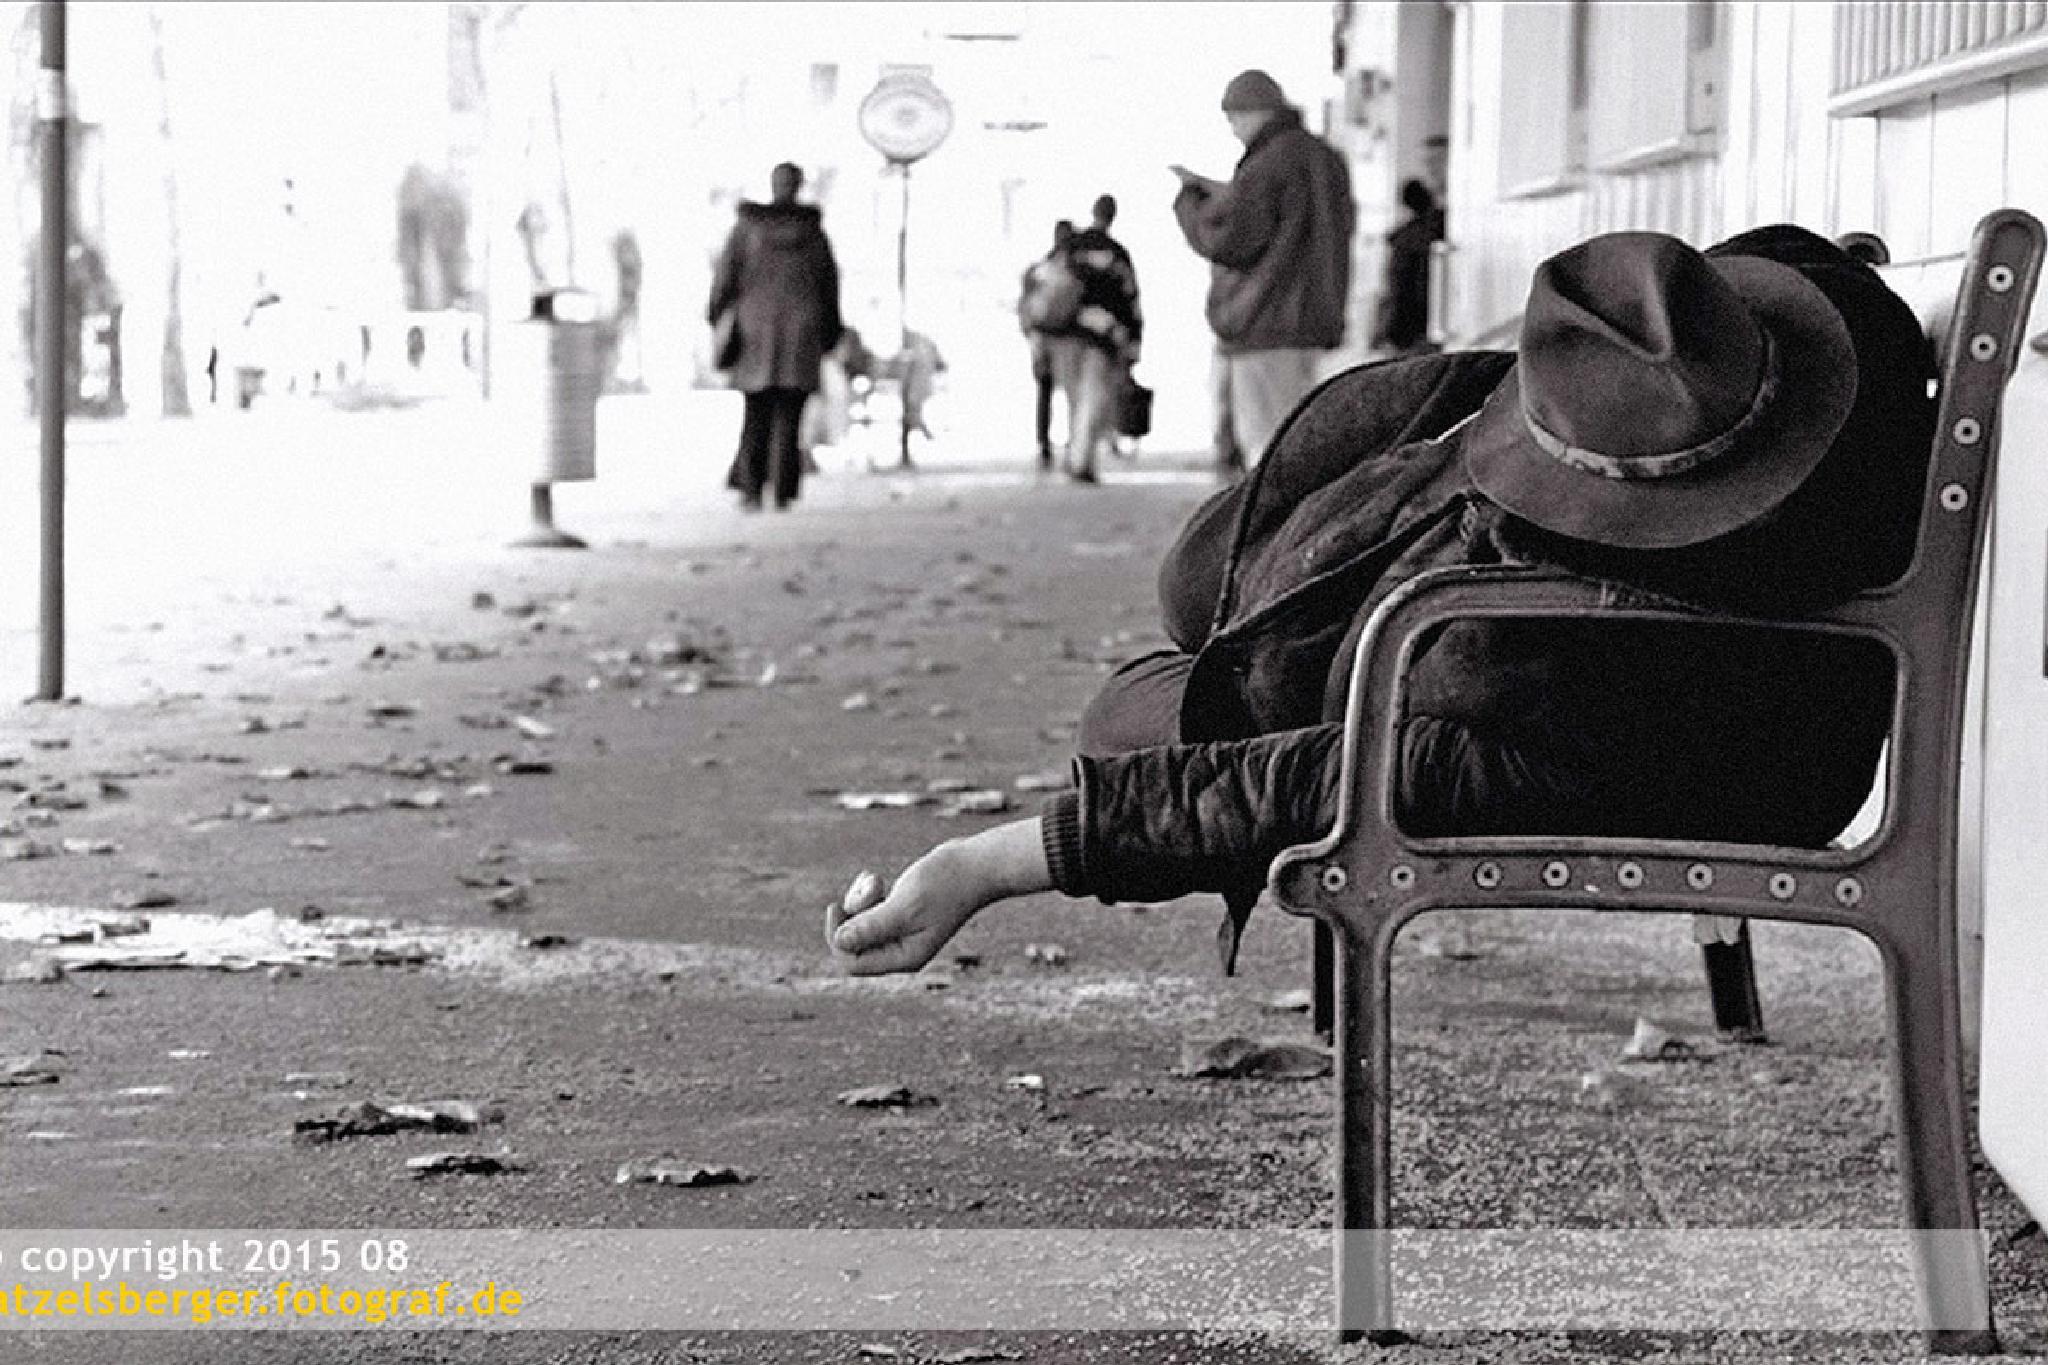 homeless by erich latzelsberger